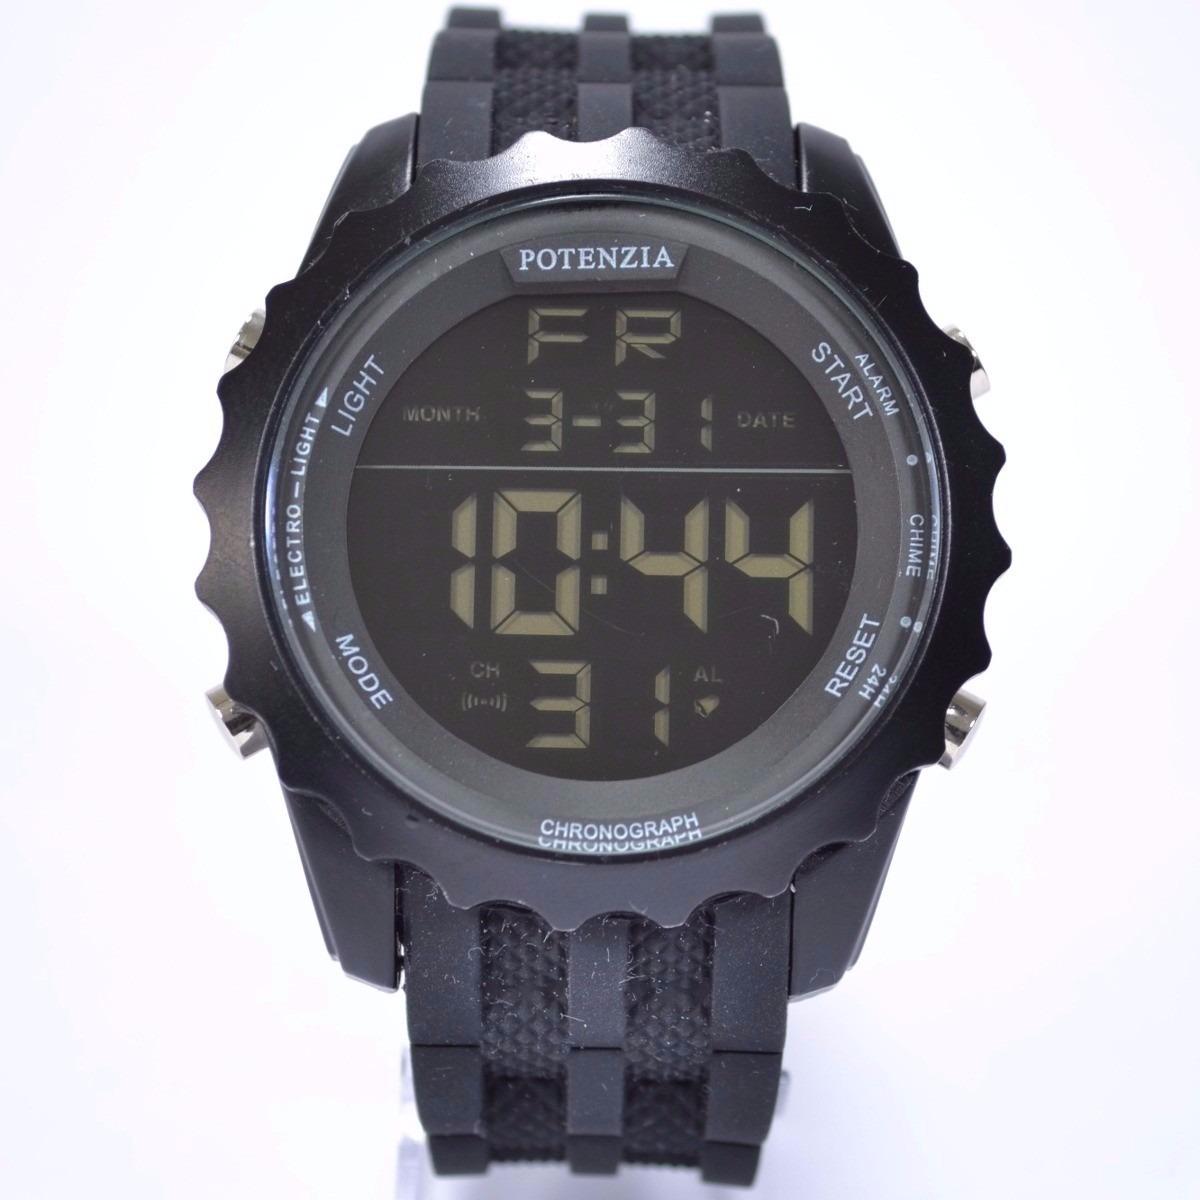 06dfc169460 relógio esportivo masculino anti shock militar preto barato. Carregando zoom .